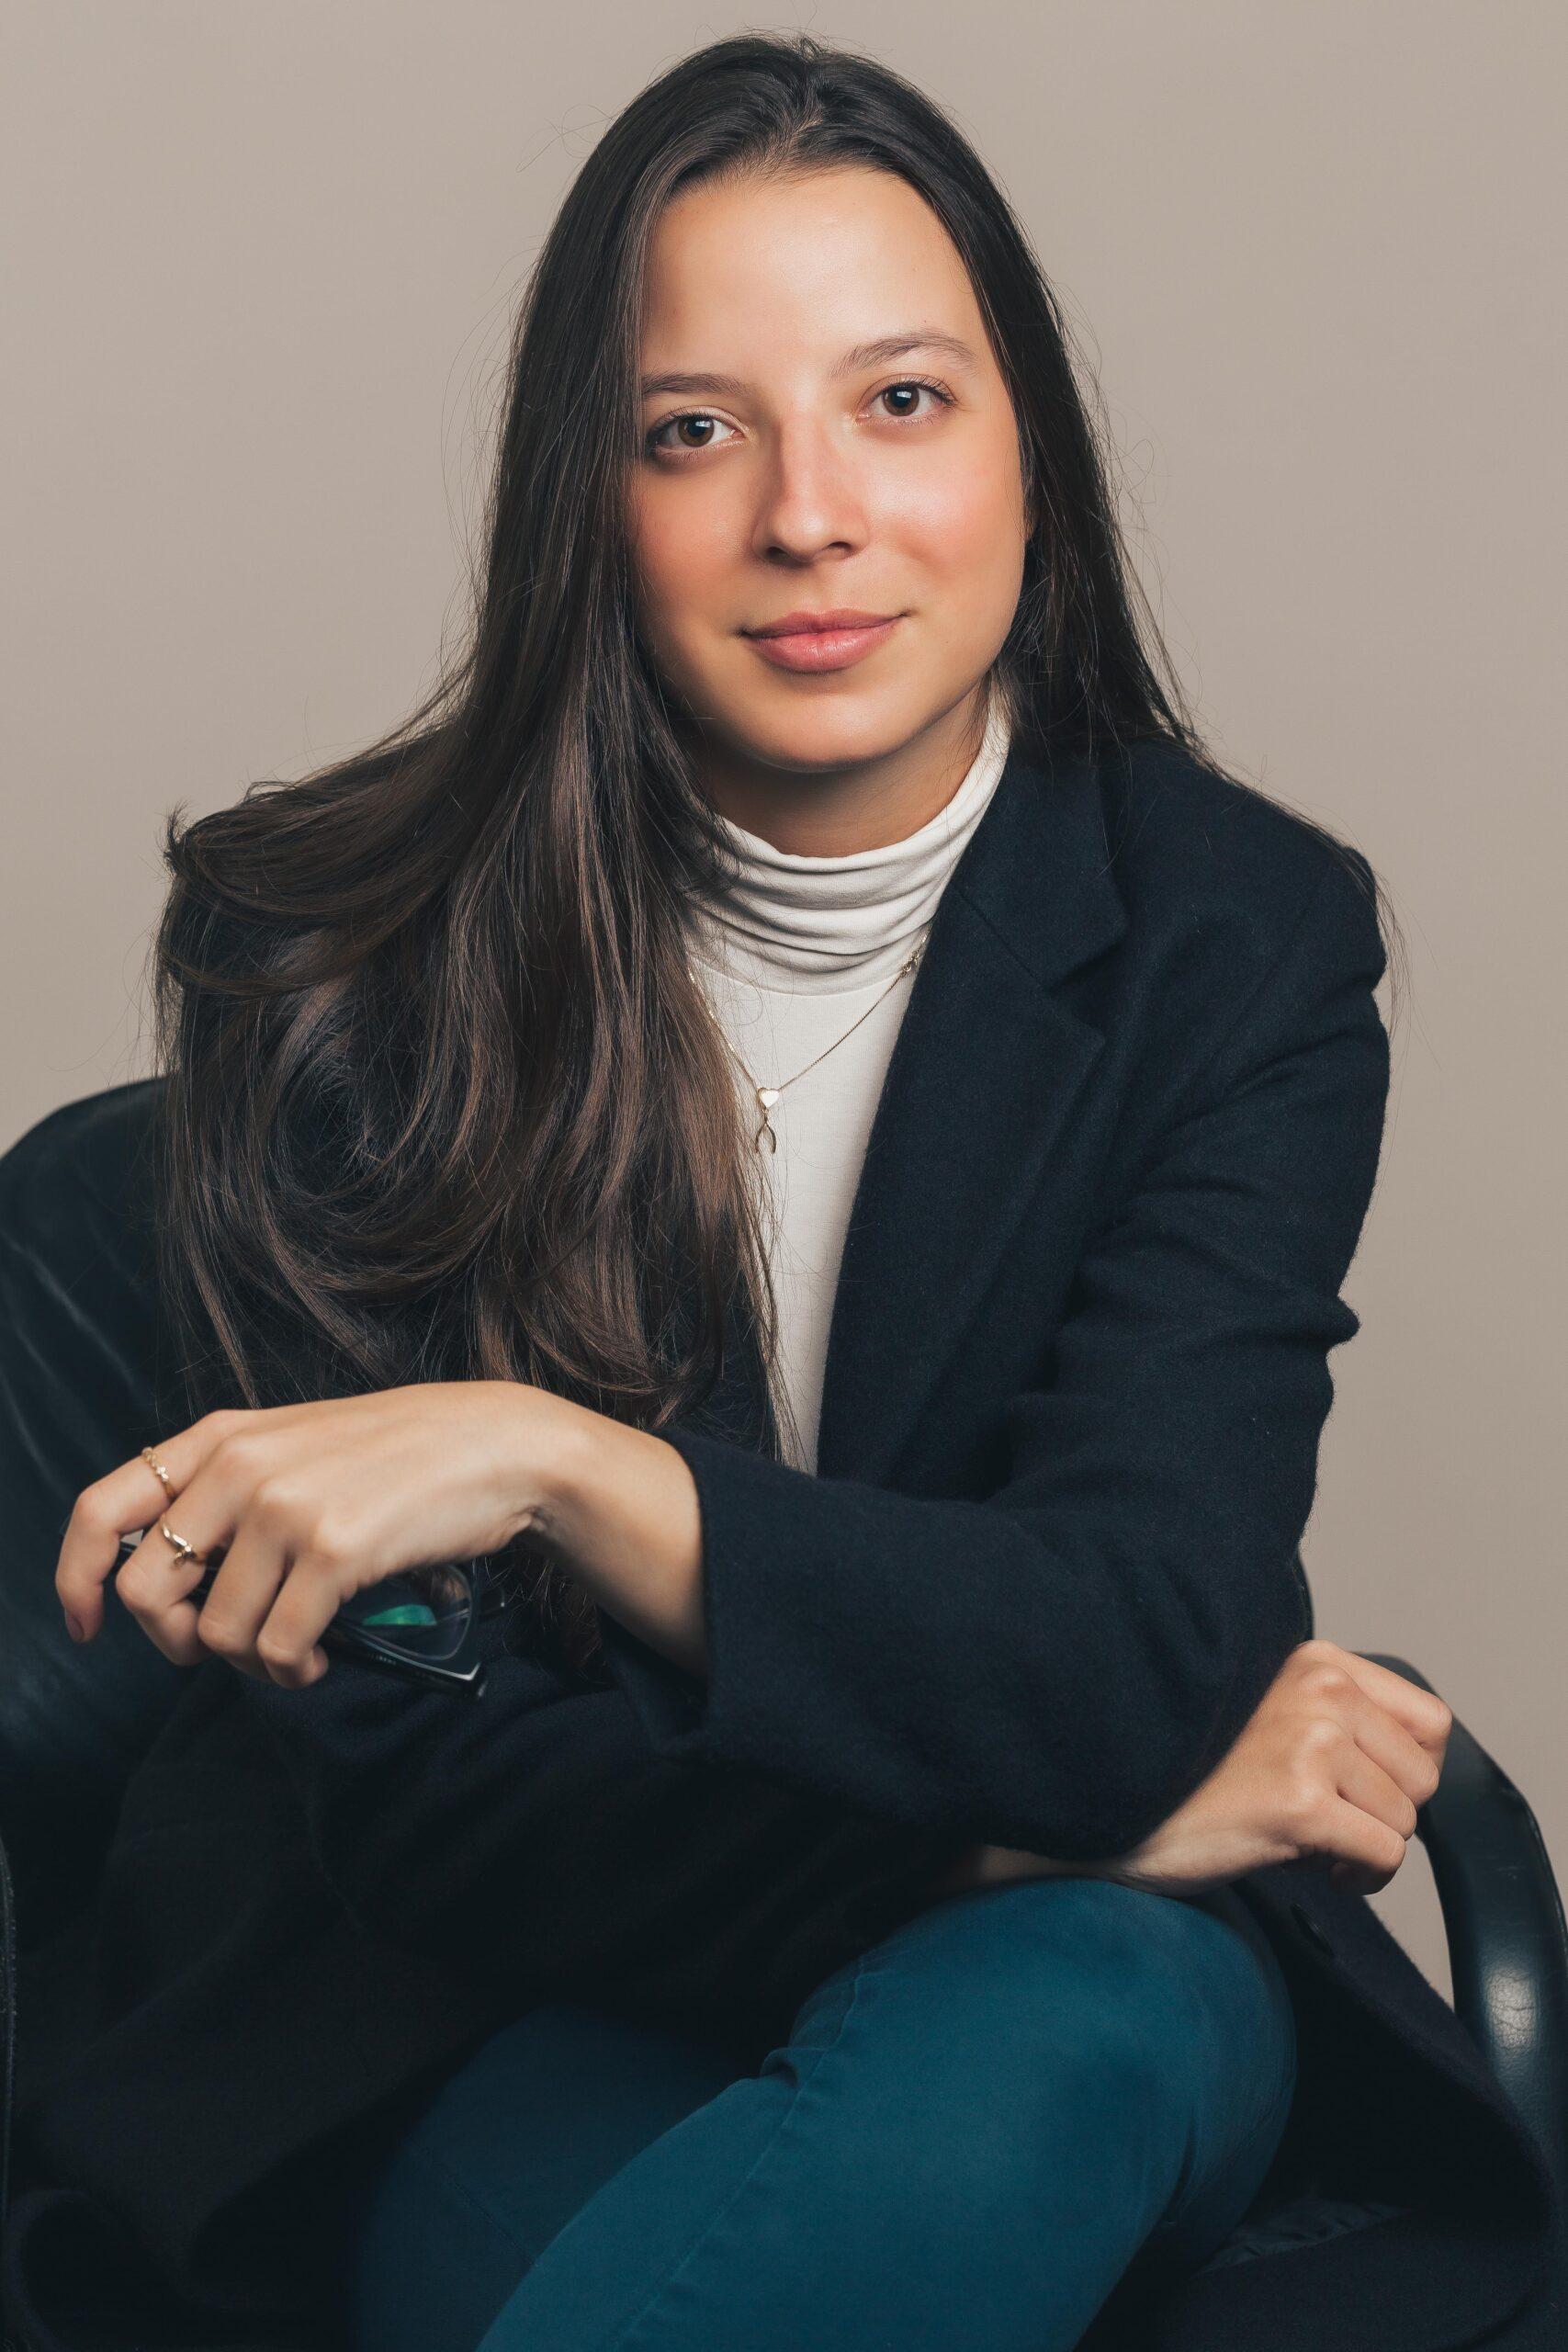 Luiza Albuquerque de Alencar Araripe